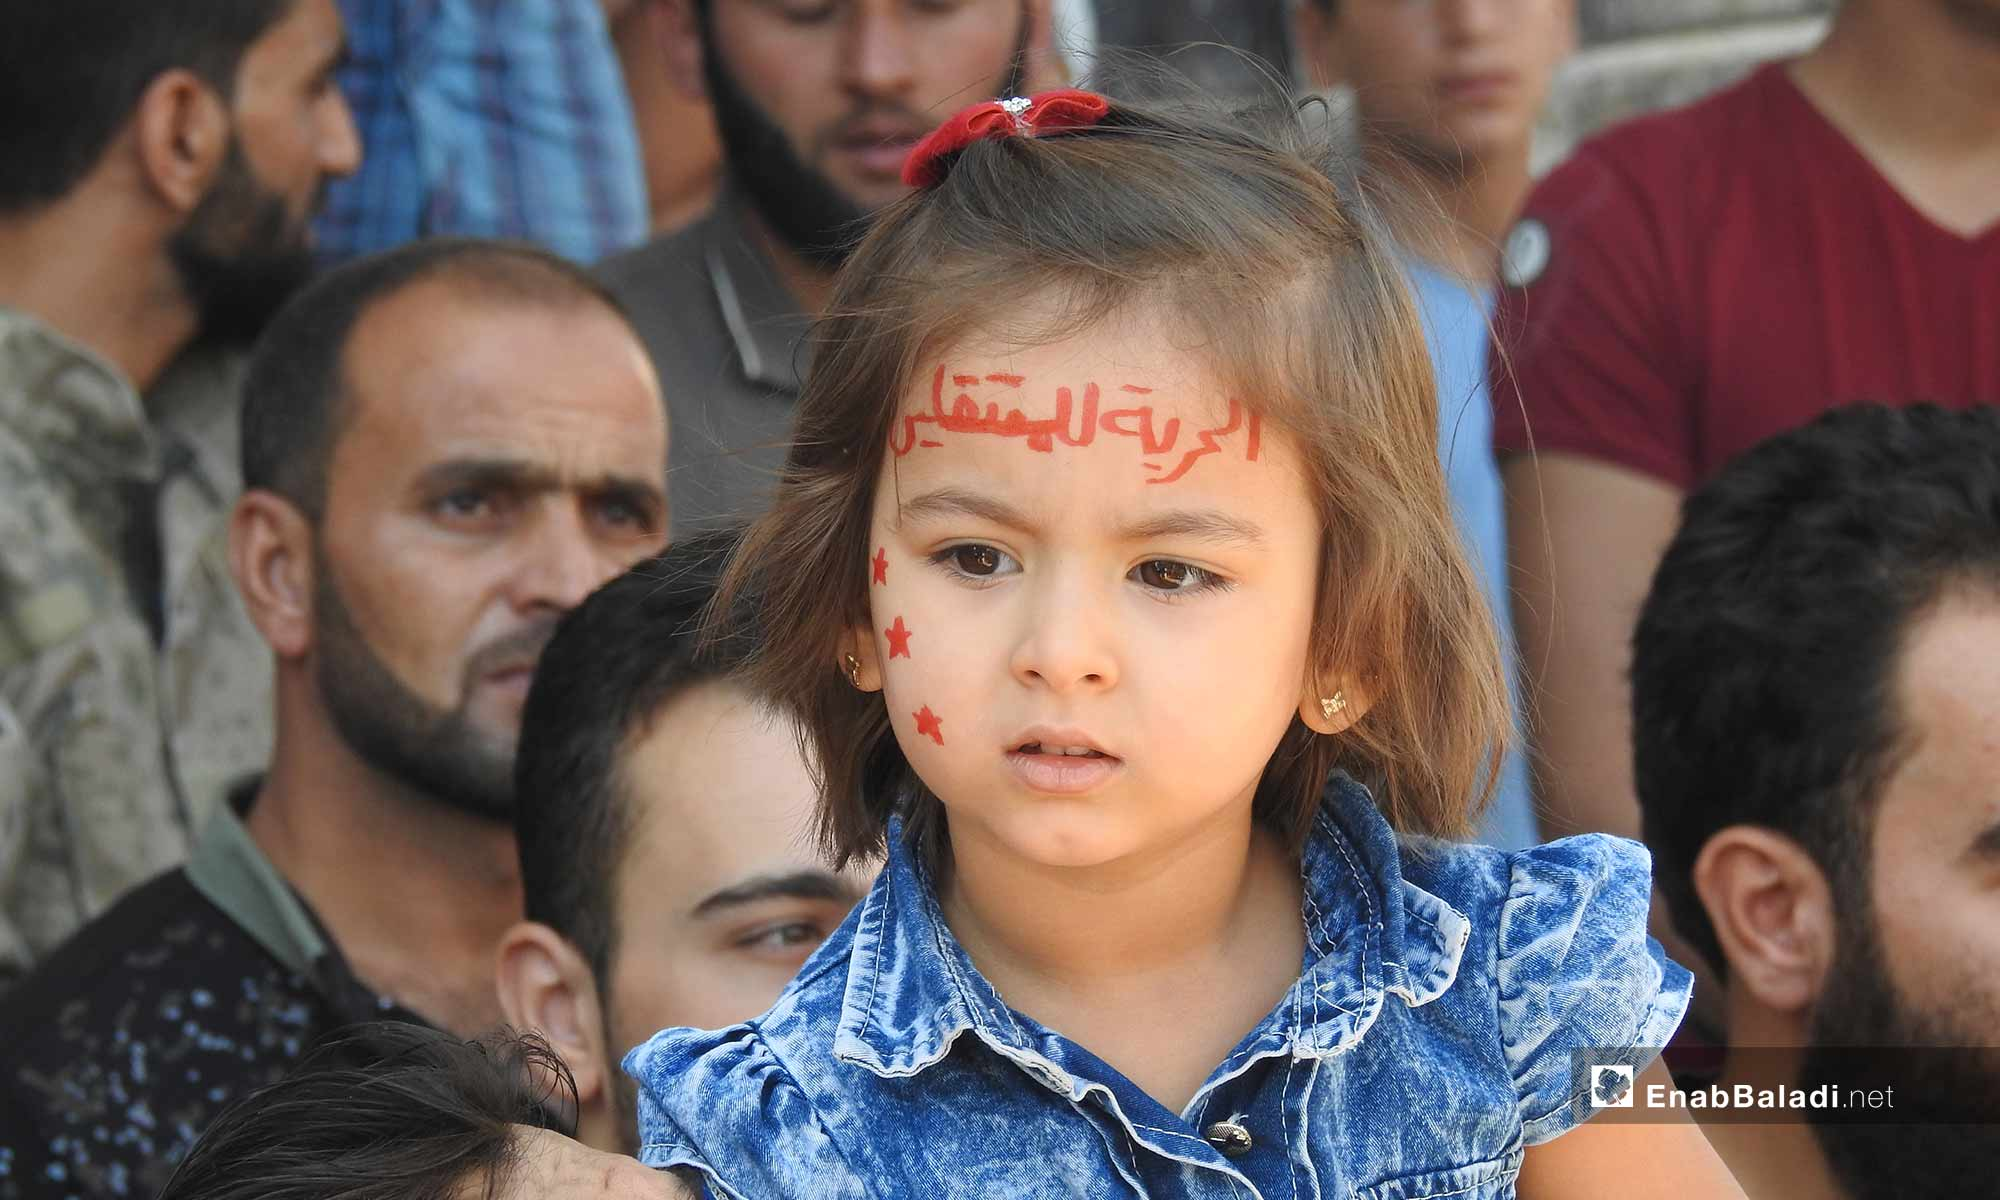 طفلة خلال مظاهرات في ريف حلب طالبت بإخراج المعتقلين من سجون النظام - 28 من أيلول 2018 (عنب بلدي)